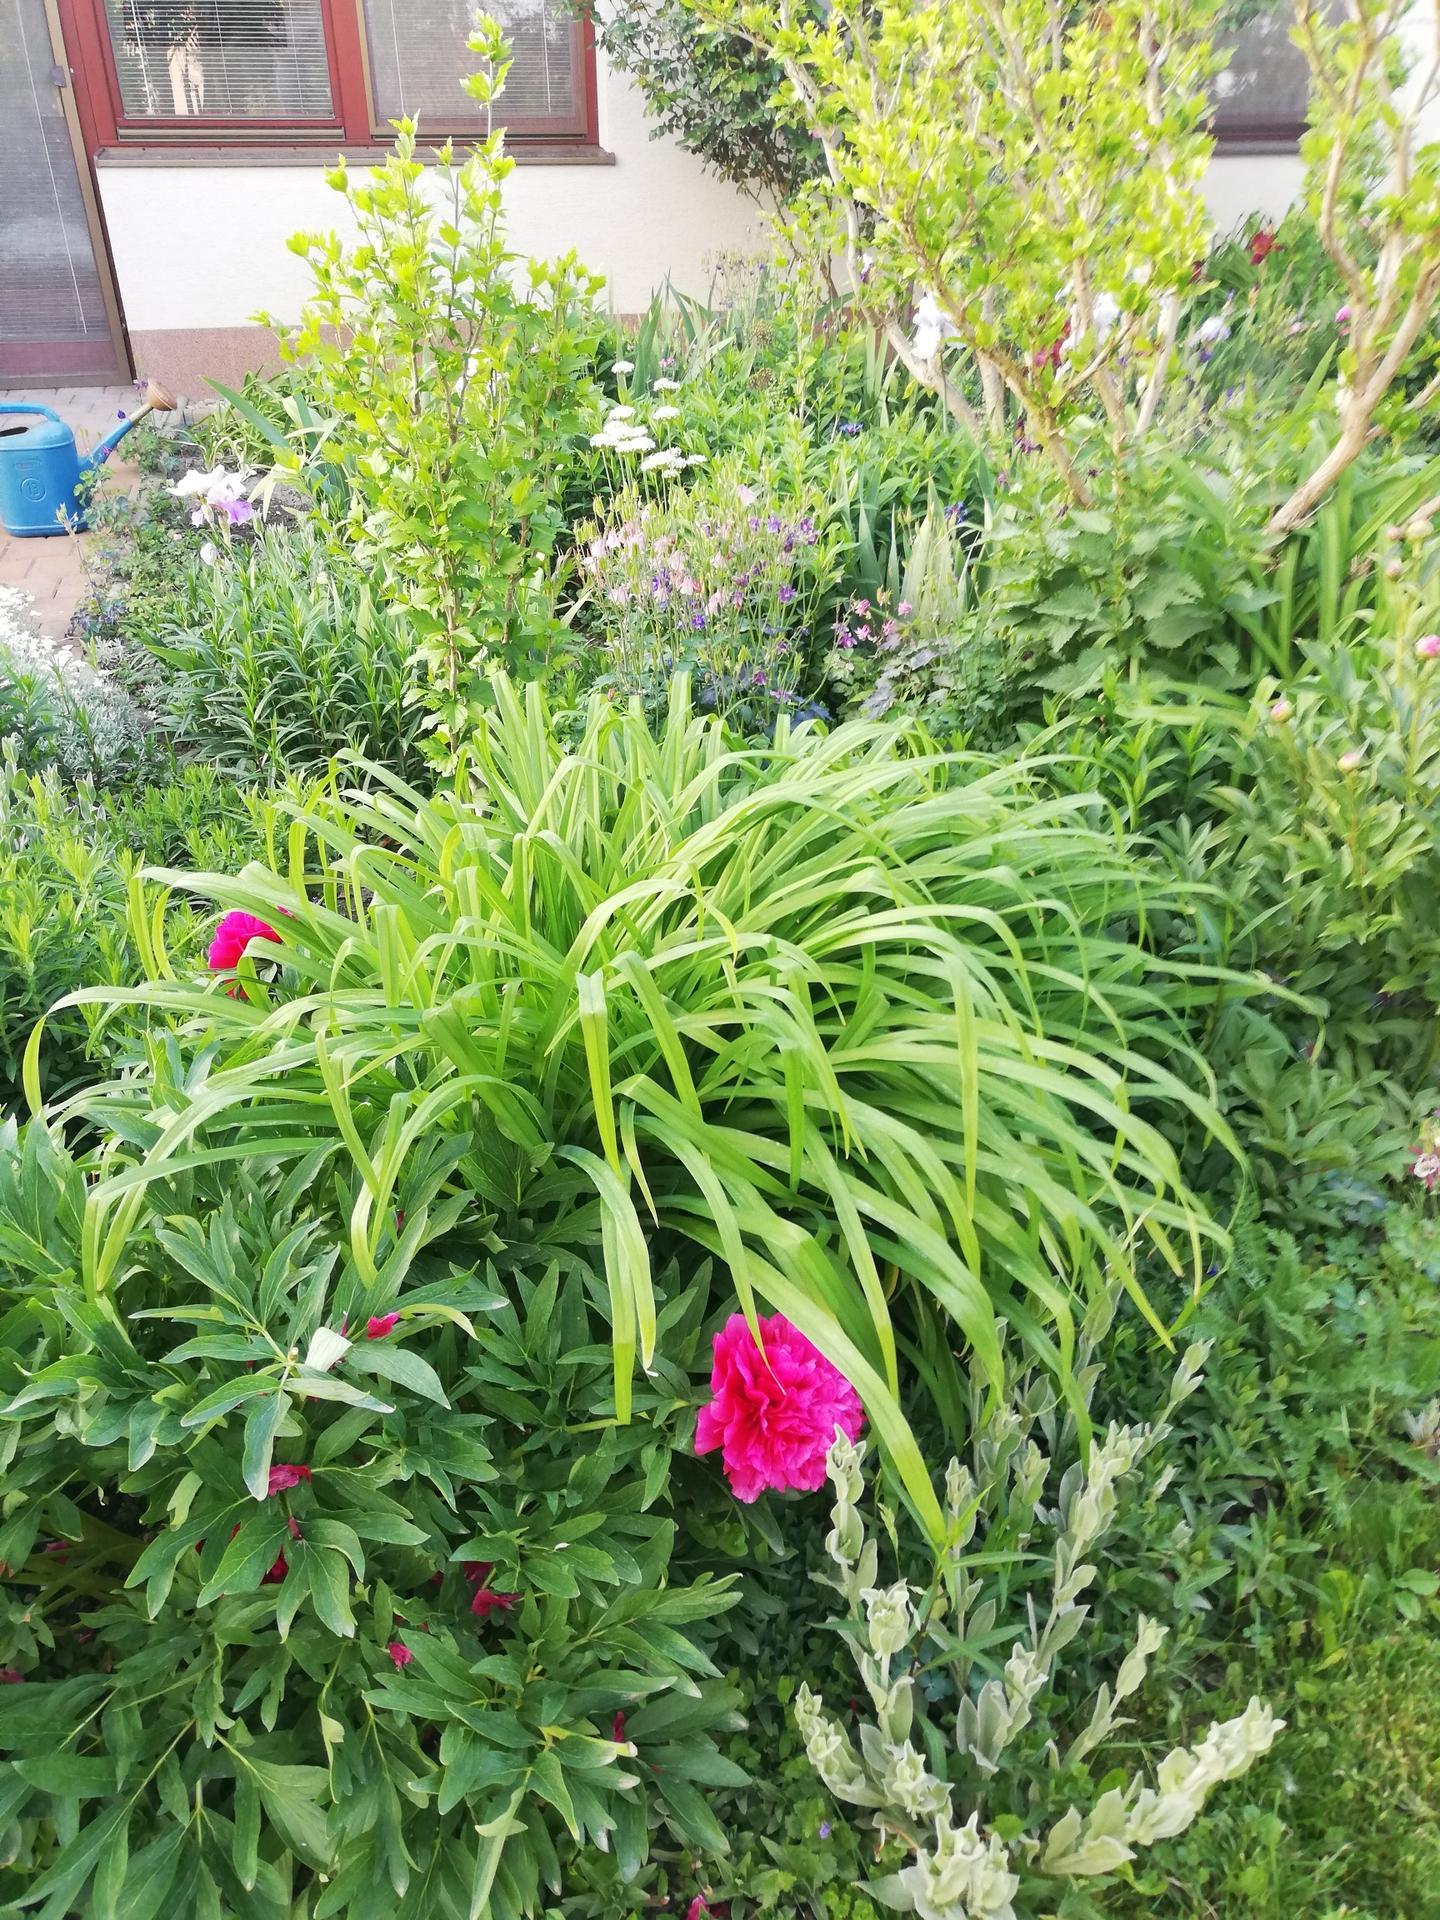 trochu zo záhrady - Obrázok č. 5